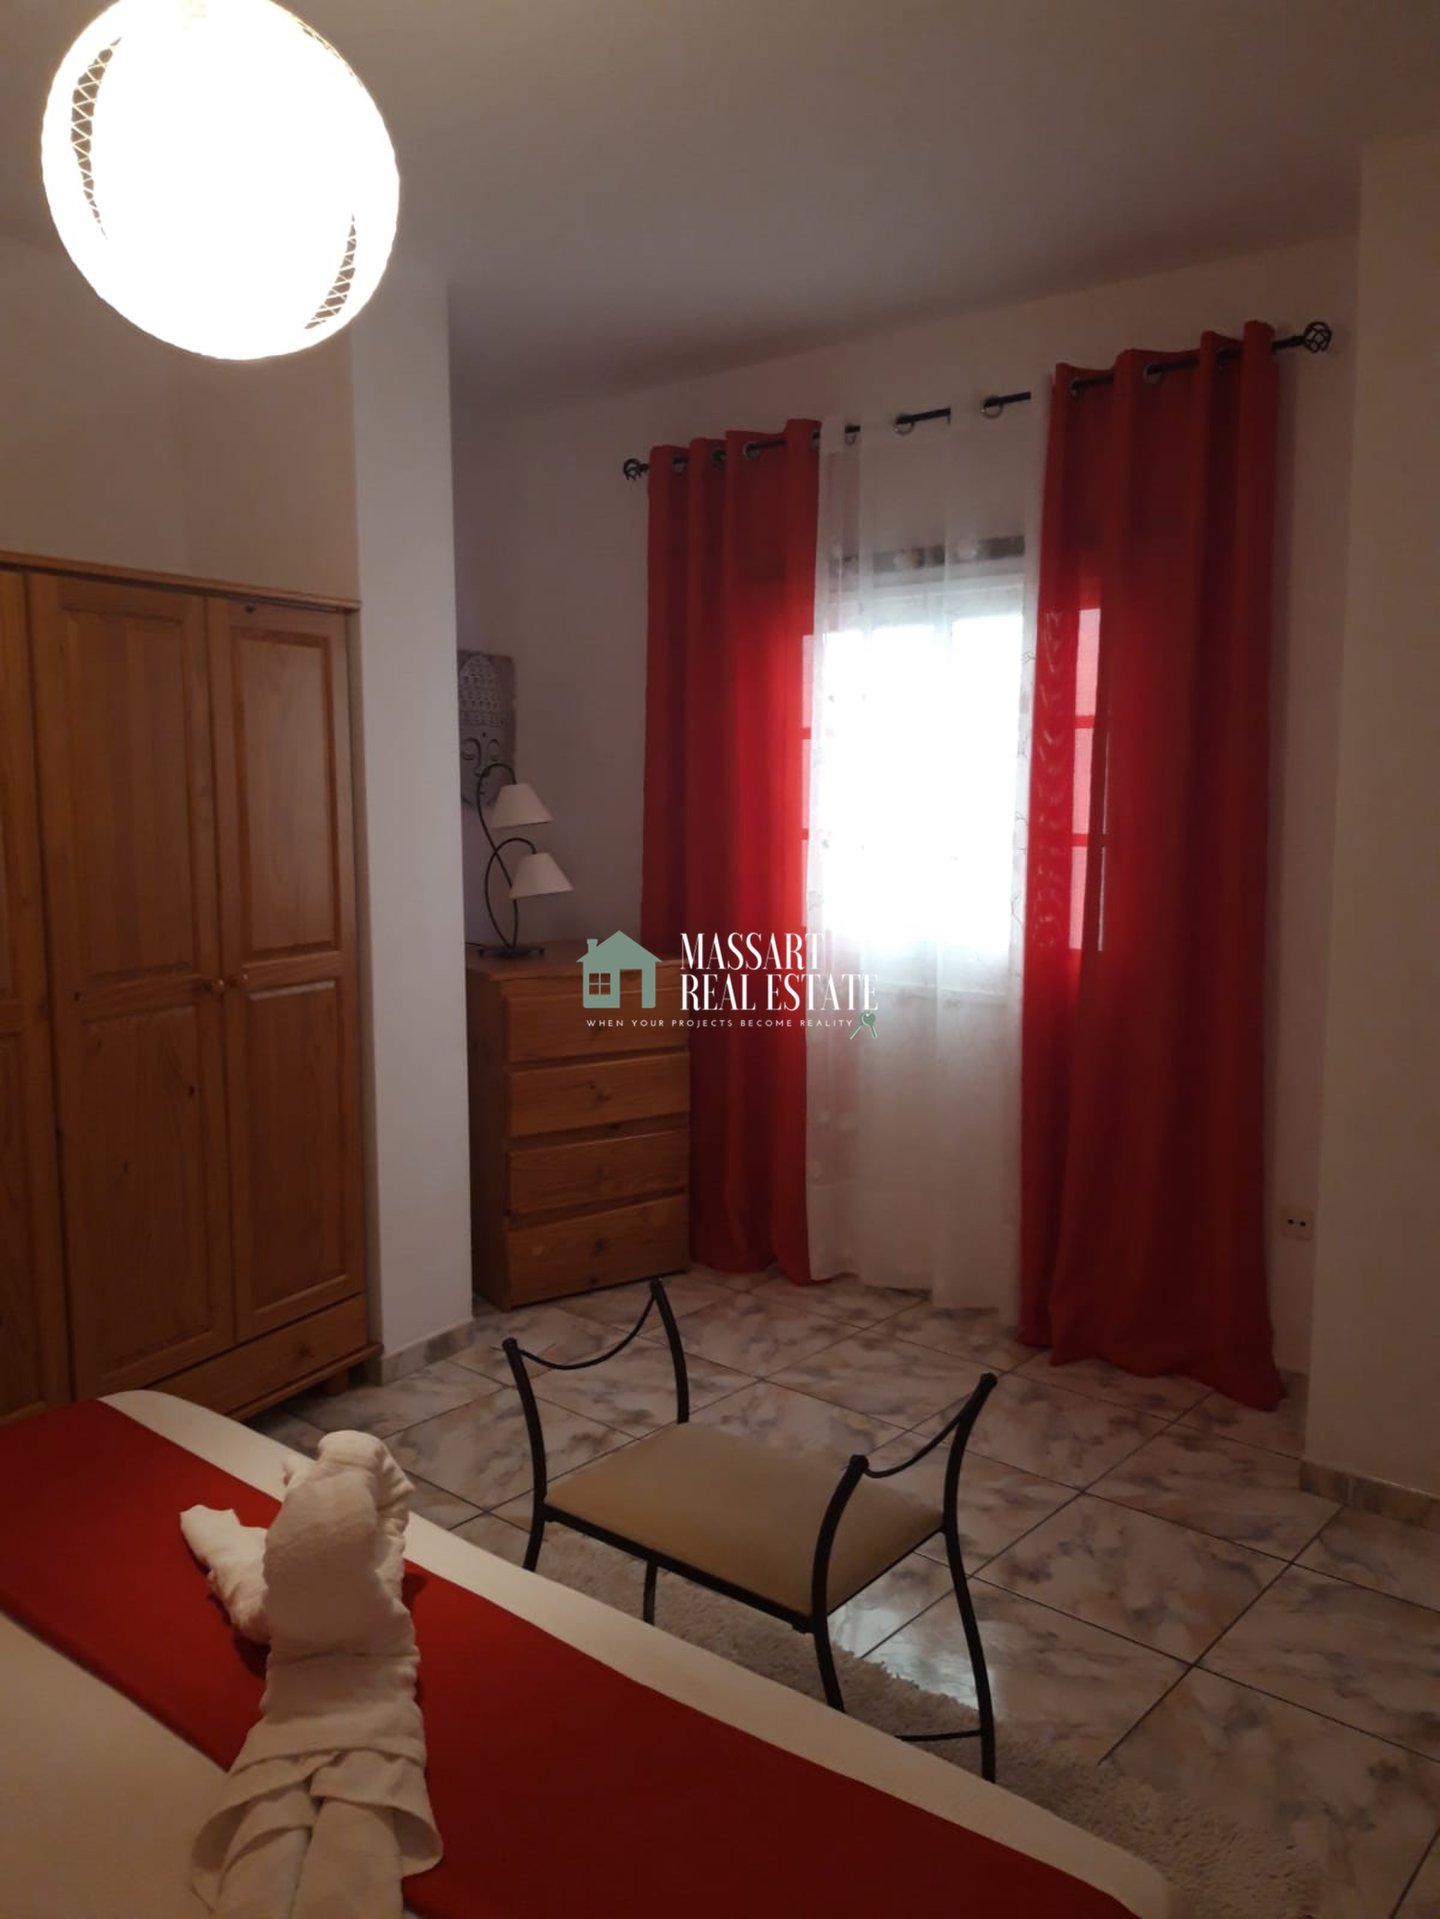 À louer à Armeñime, appartement meublé caractérisé par une vue panoramique et privilégiée sur la mer et l'île de La Gomera.